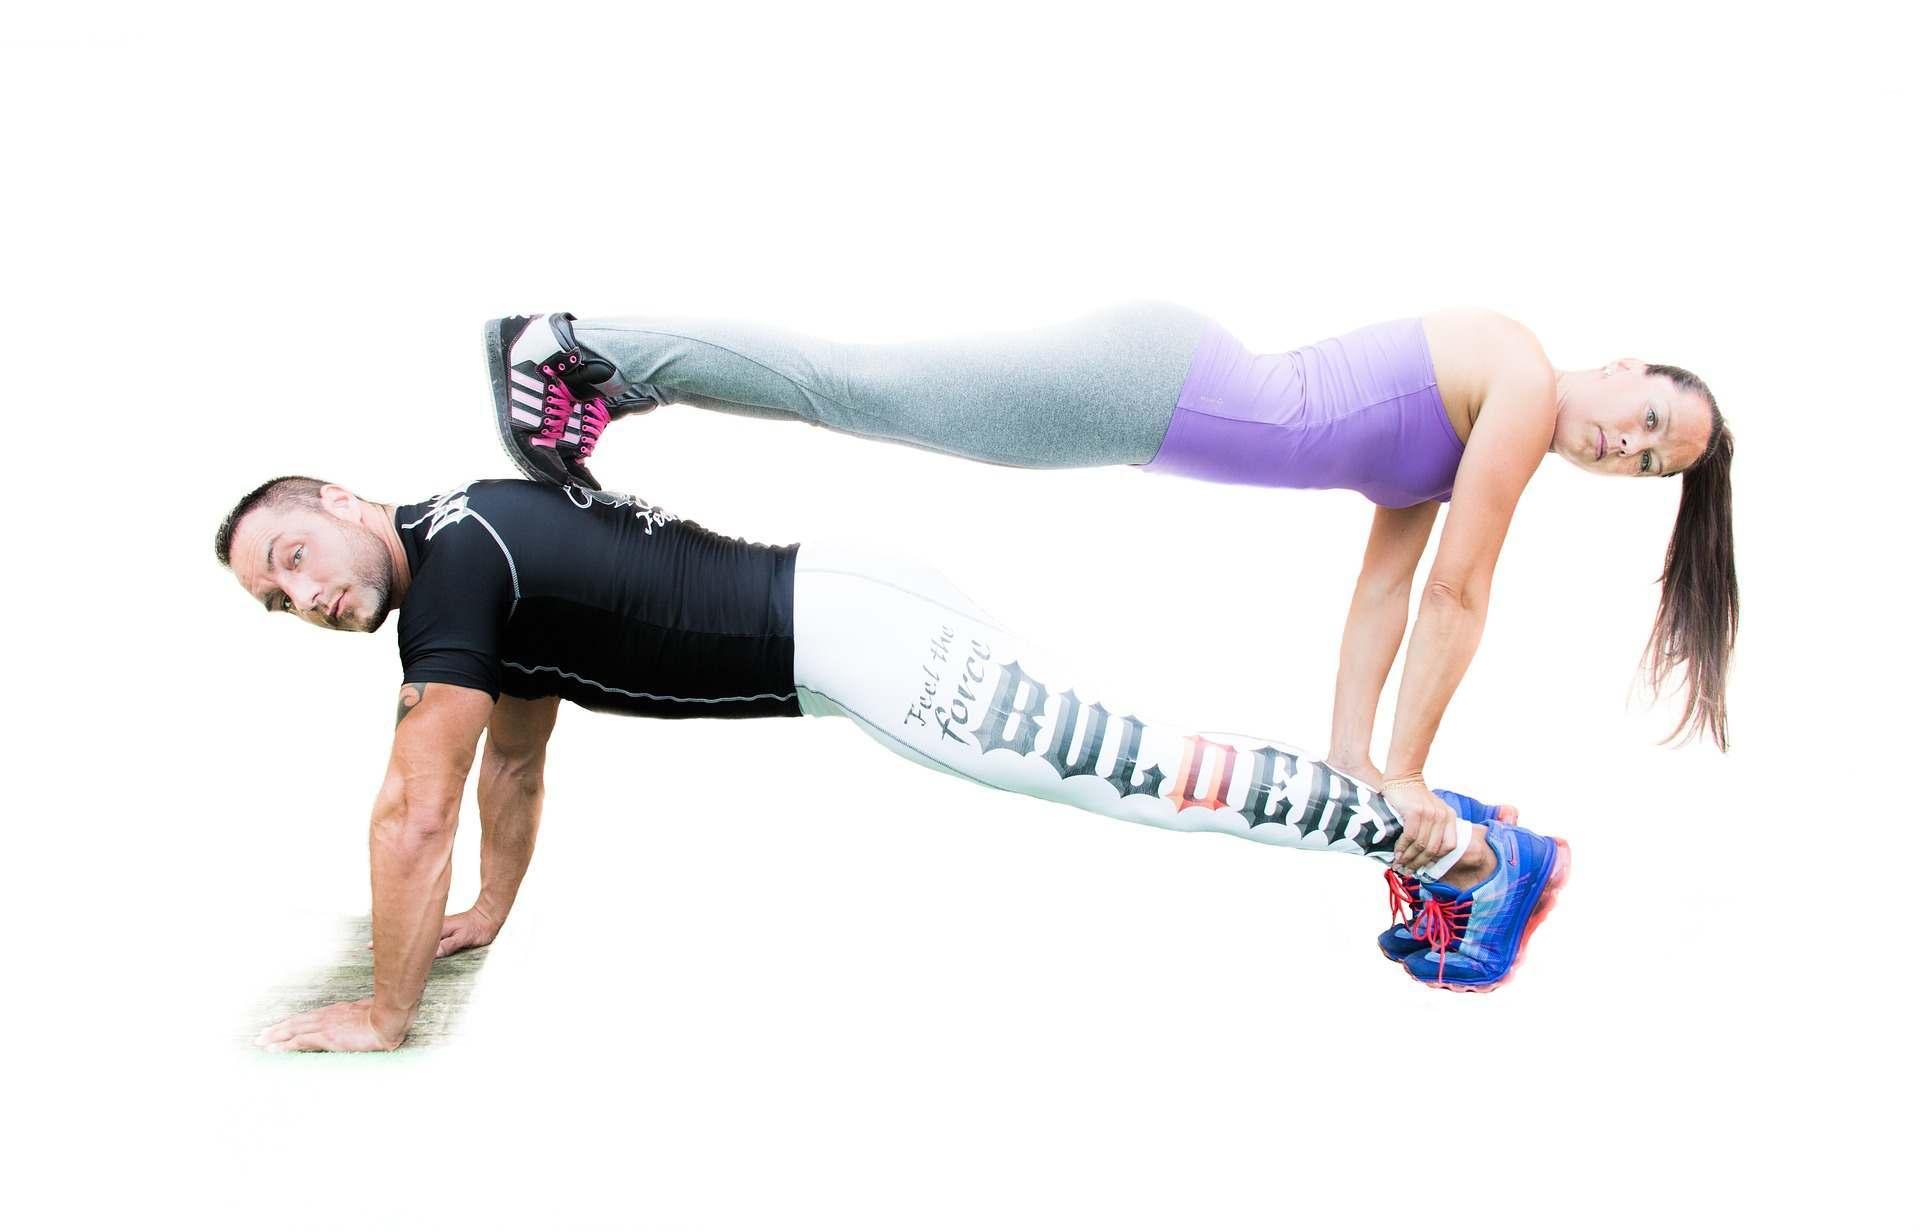 intervallfasten sport training - Intervallfasten und Sport